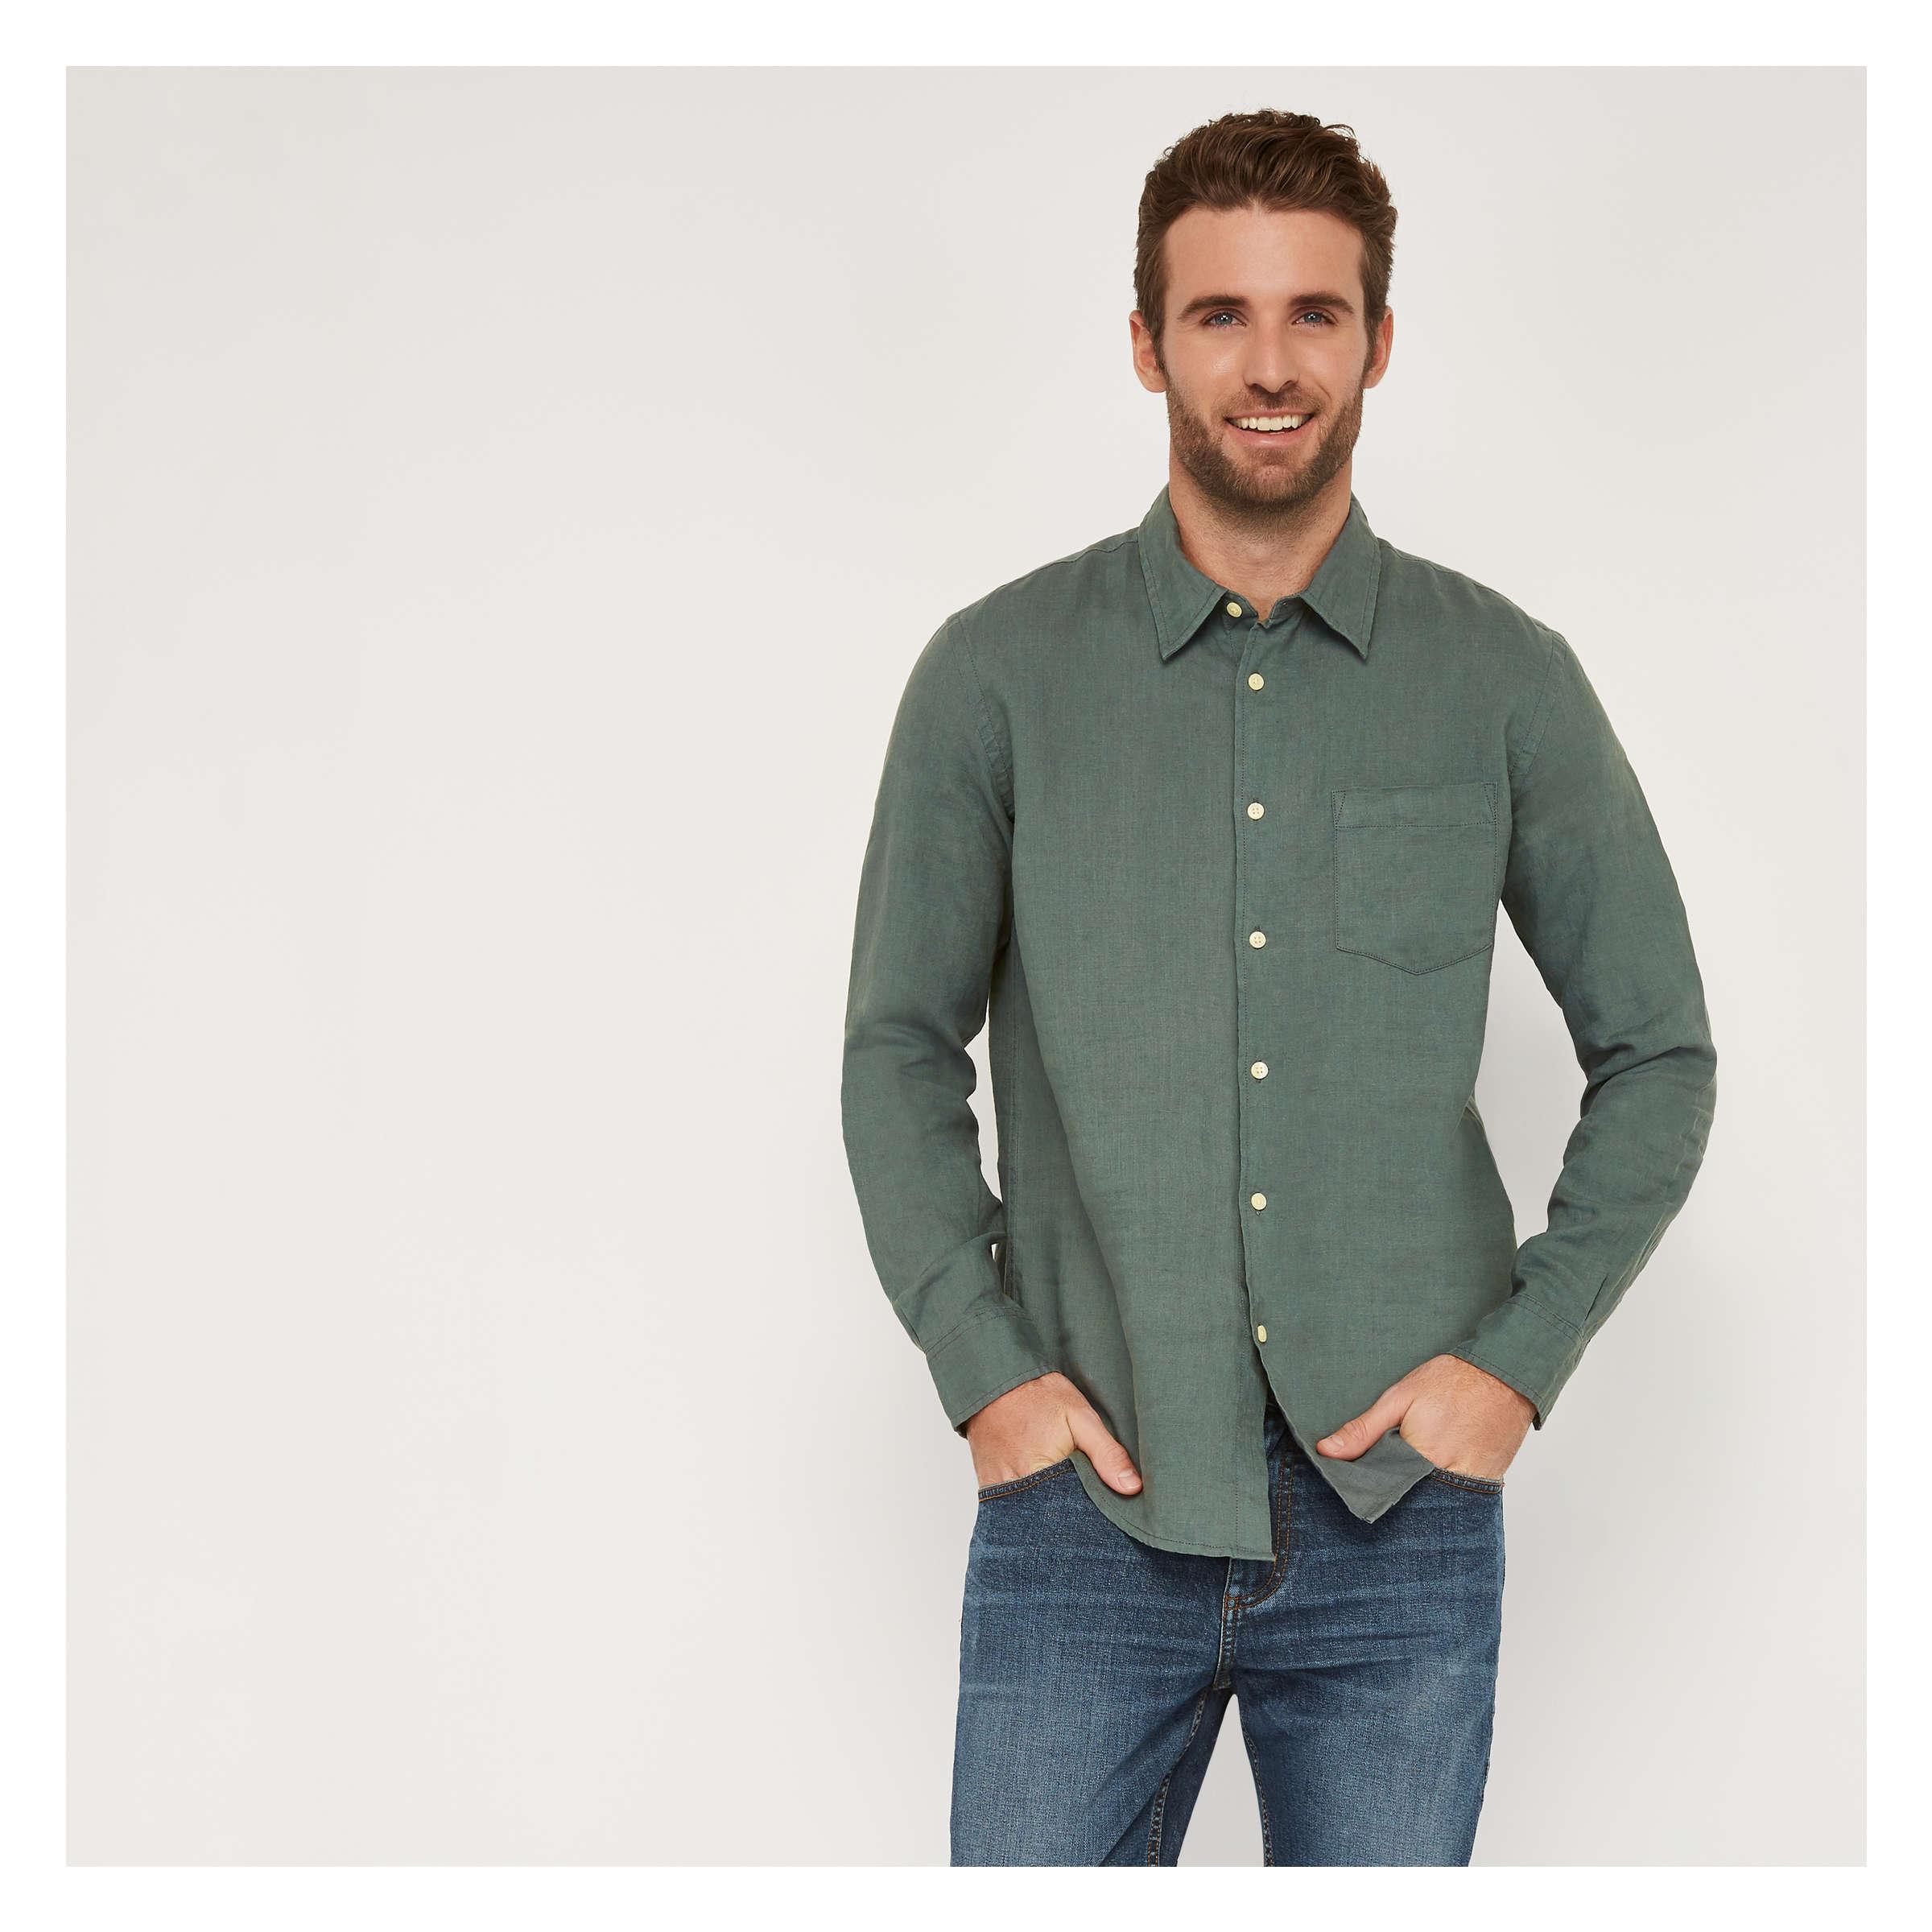 86d75a8afc3 Men s Long Sleeve Linen Shirt in Moss Green from Joe Fresh